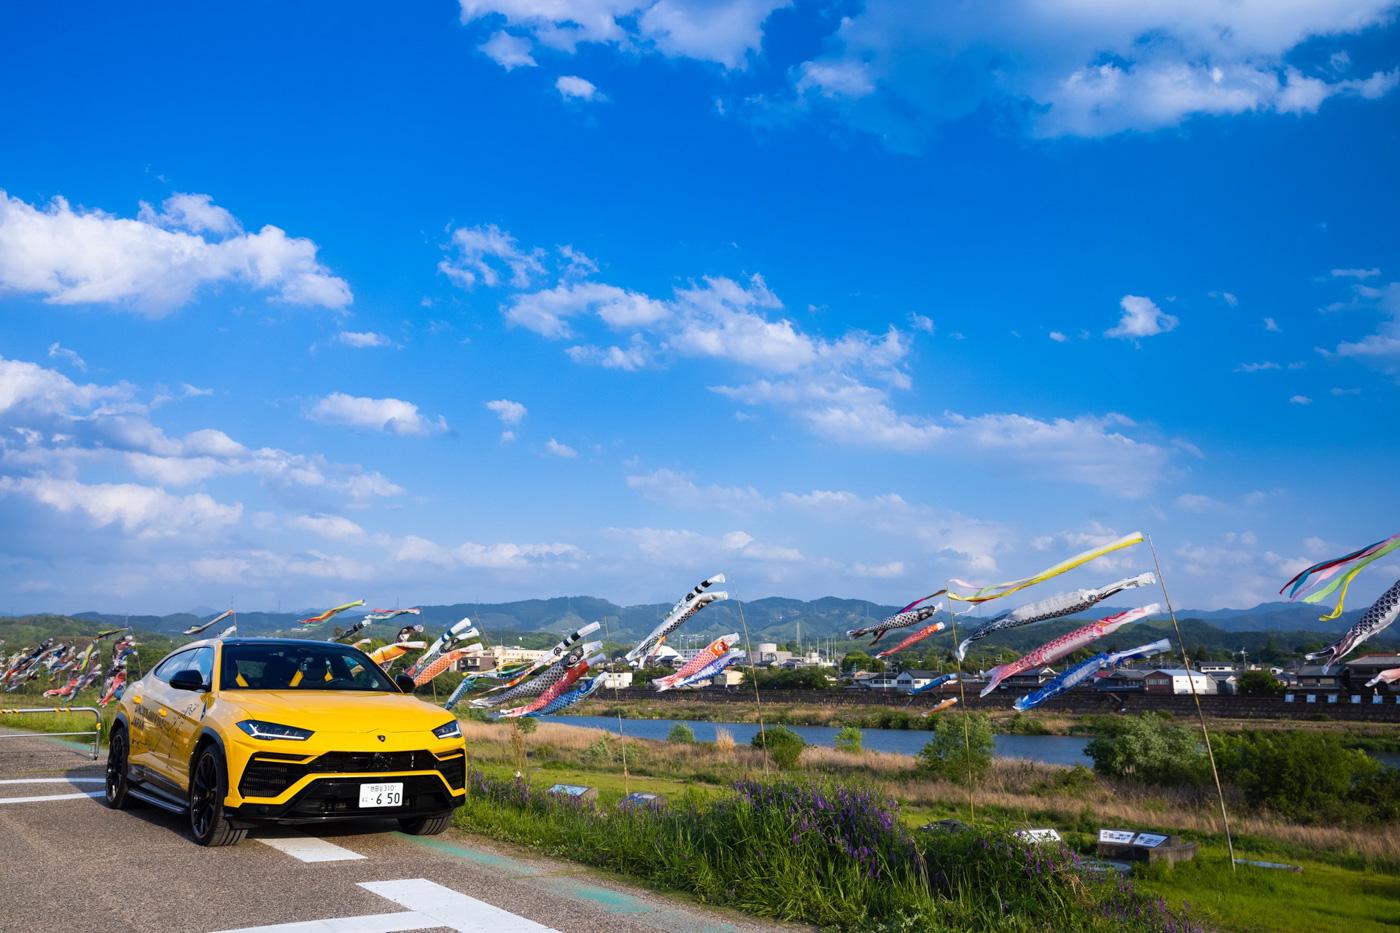 Bộ-đôi-Lamborghini-Urus-vượt-hơn-6.500-km-trong-hành-trình-xuyên-Nhật-Bản (26).jpg